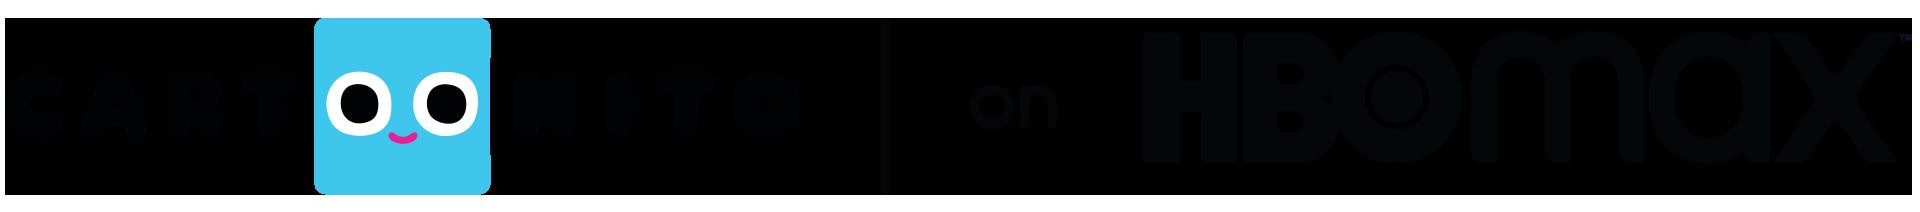 Cartoonito on HBO Max logo